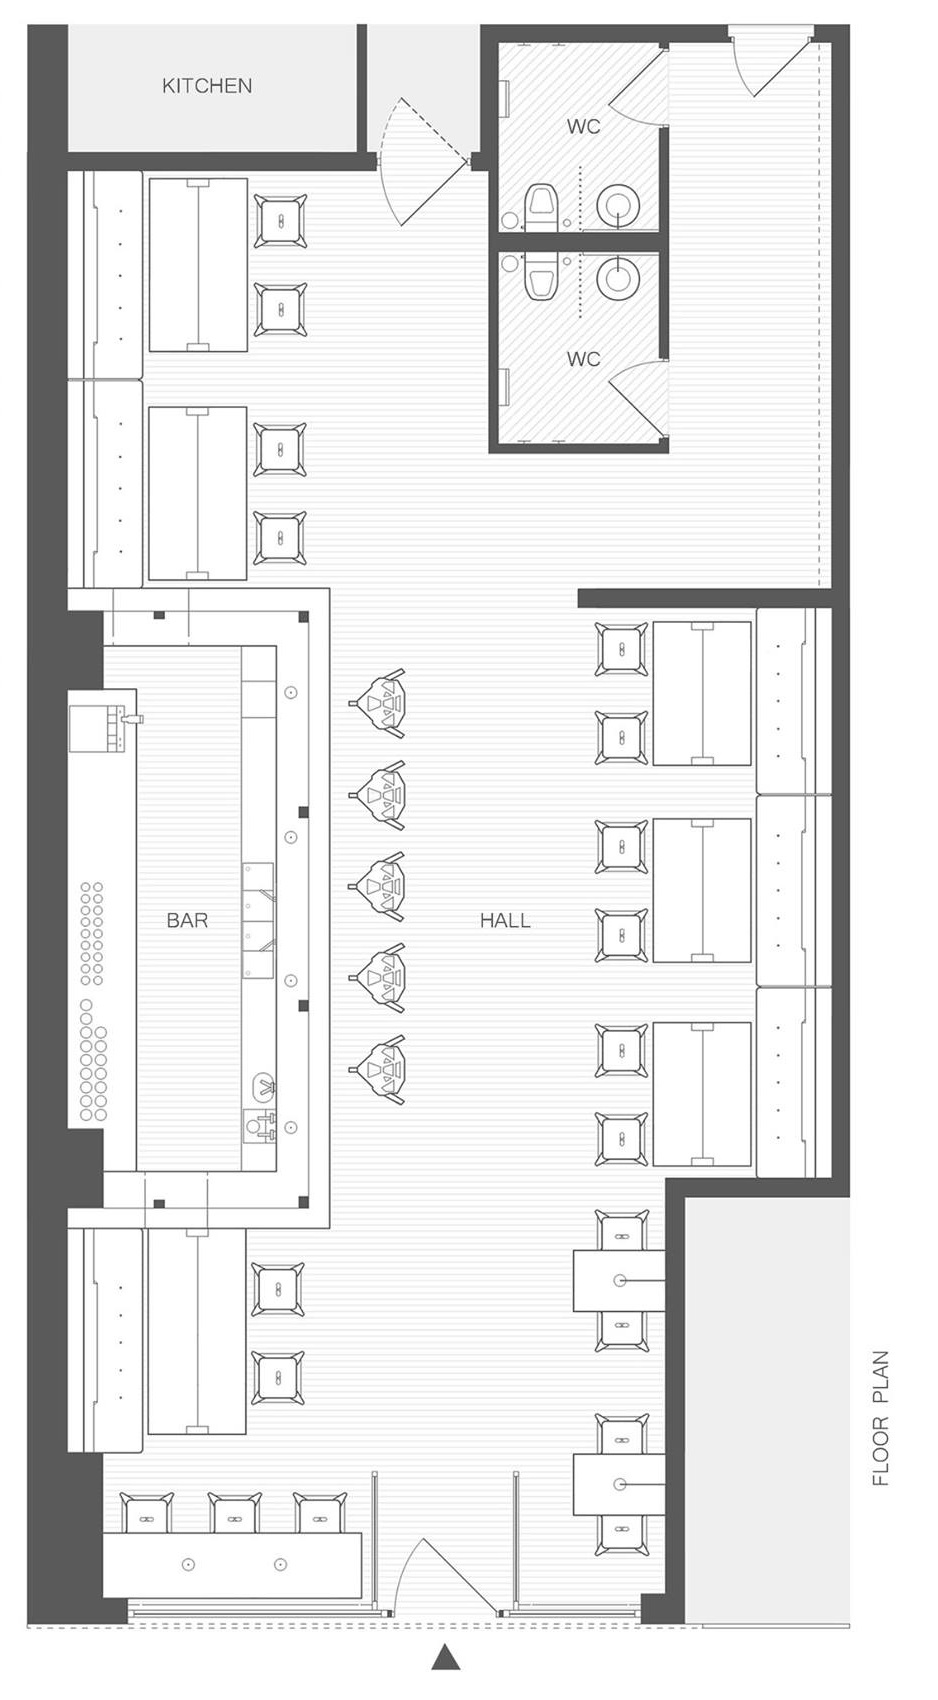 Hikki japanese restaurant by alexander yukhimets for Restaurant floor plan